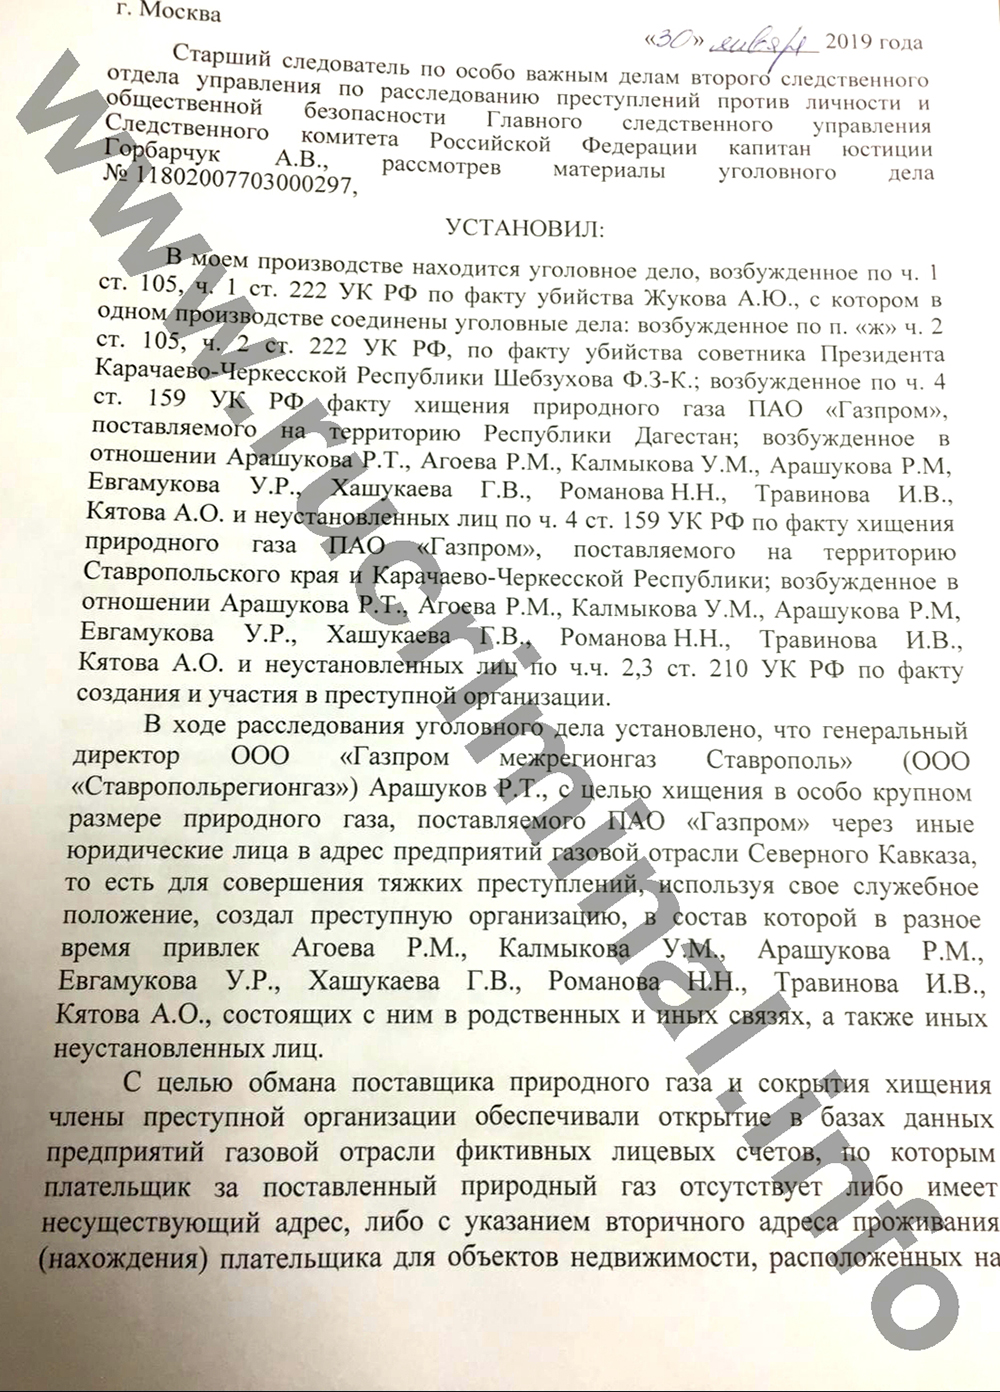 Как Рауль и Рауф Арашуковы пилили 31 млрд Газпрома